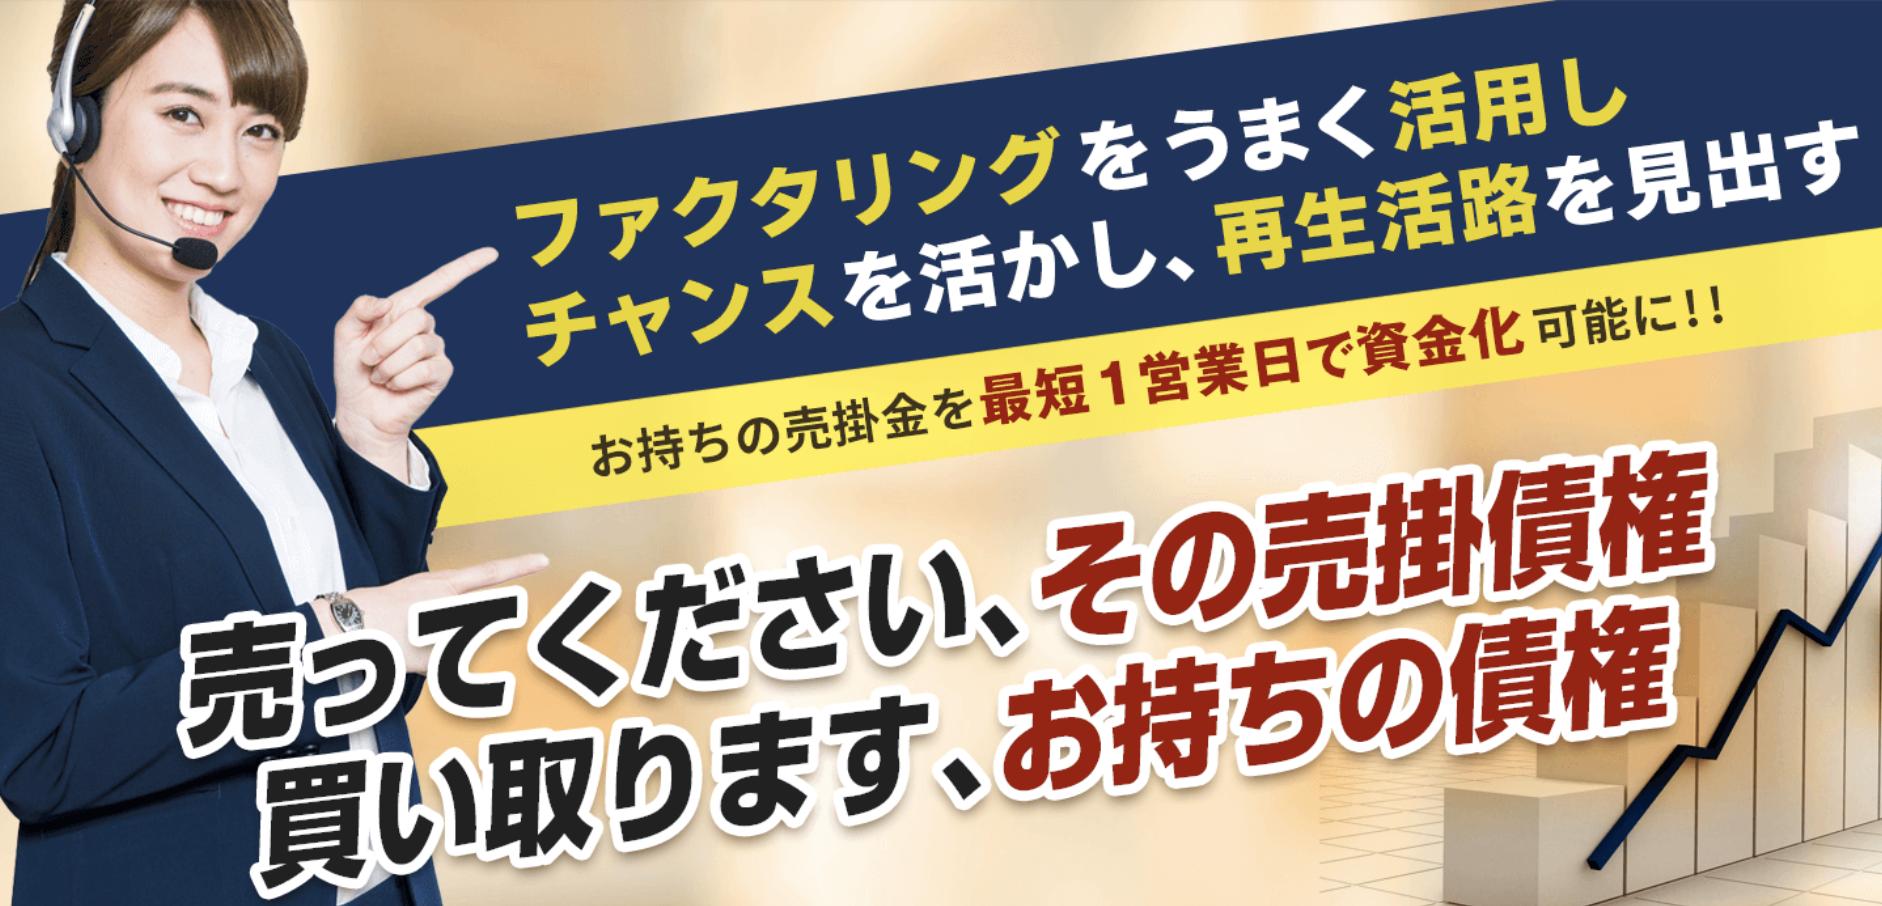 ファクタリング 神奈川・横浜